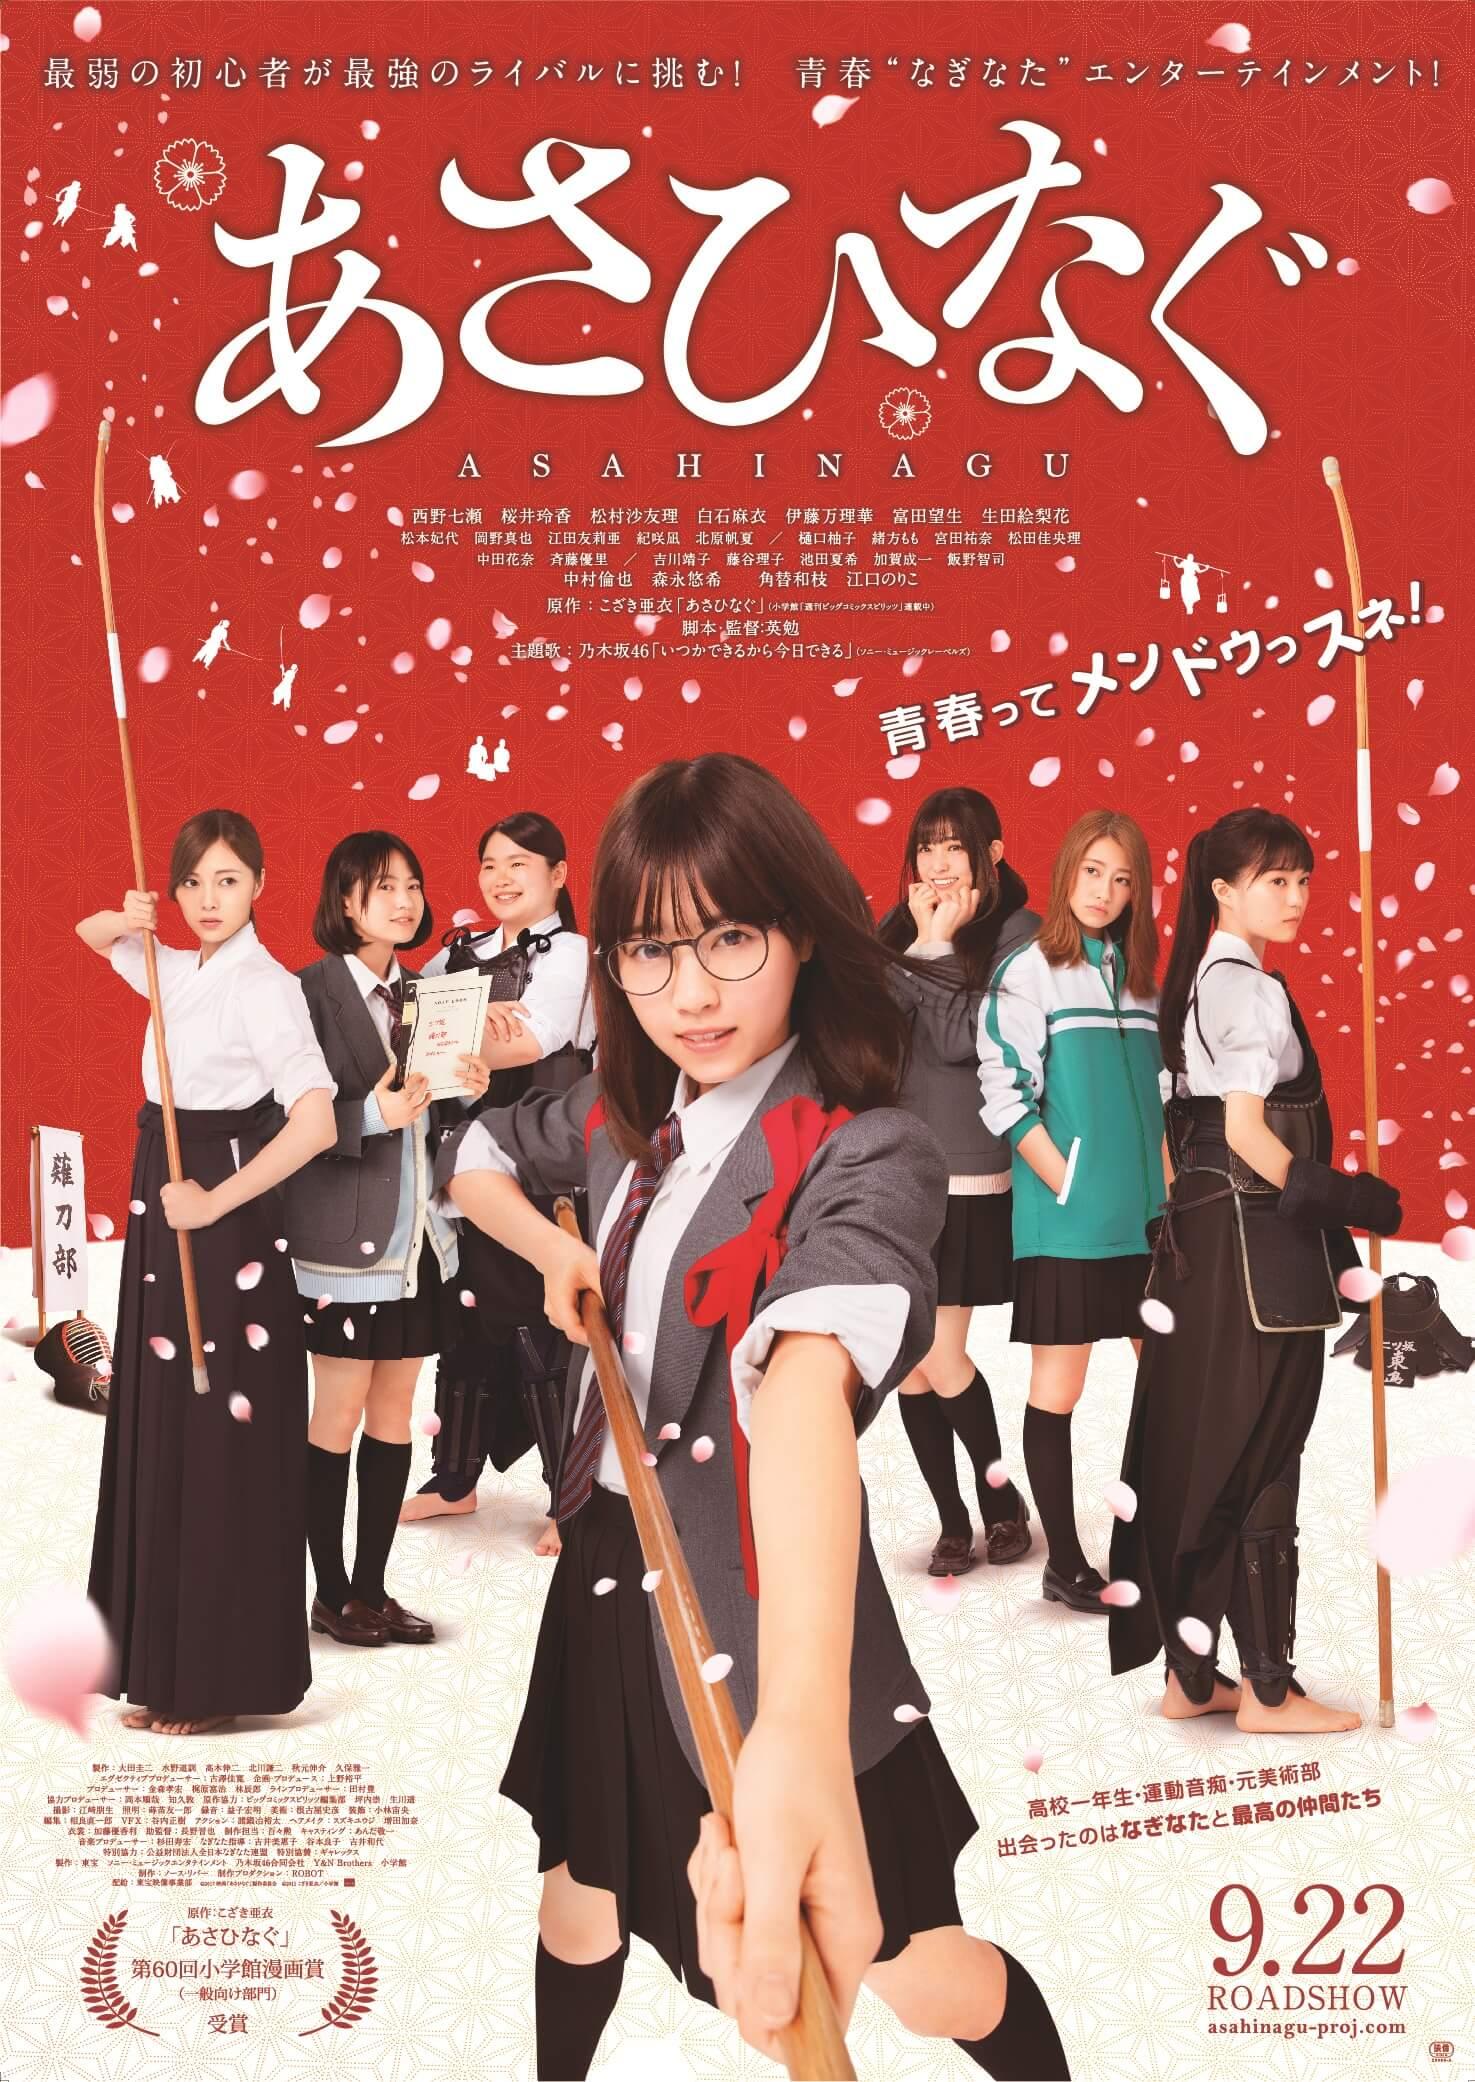 映画『あさひなぐ』(2017年9月22日公開)